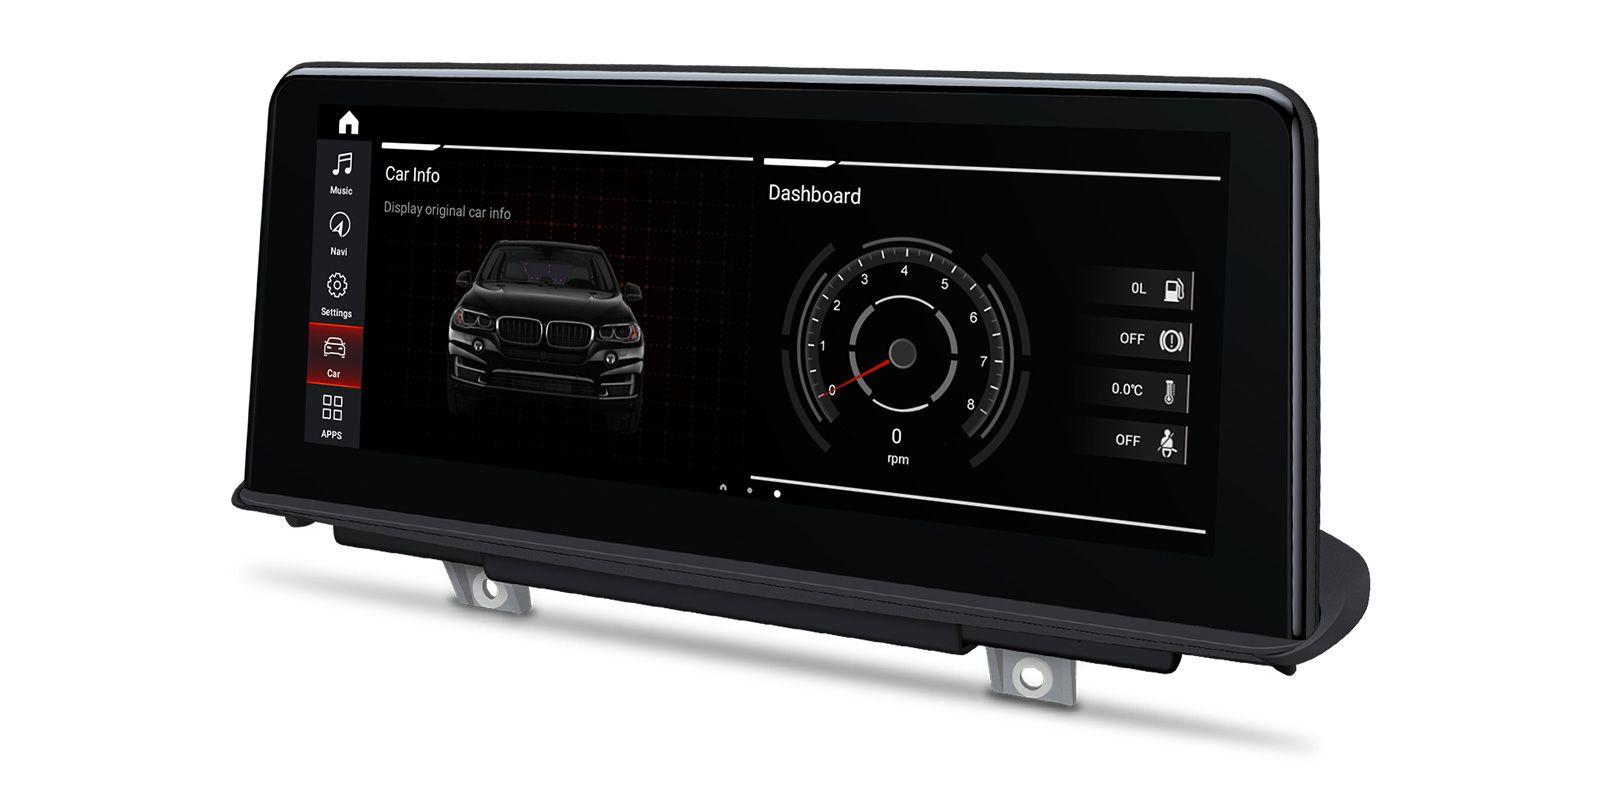 Мултимедийна навигация двоен дин за BMW X5 F15 QB10X5NBS GPS, ANDROID 10, WiFi, 10.25 инча